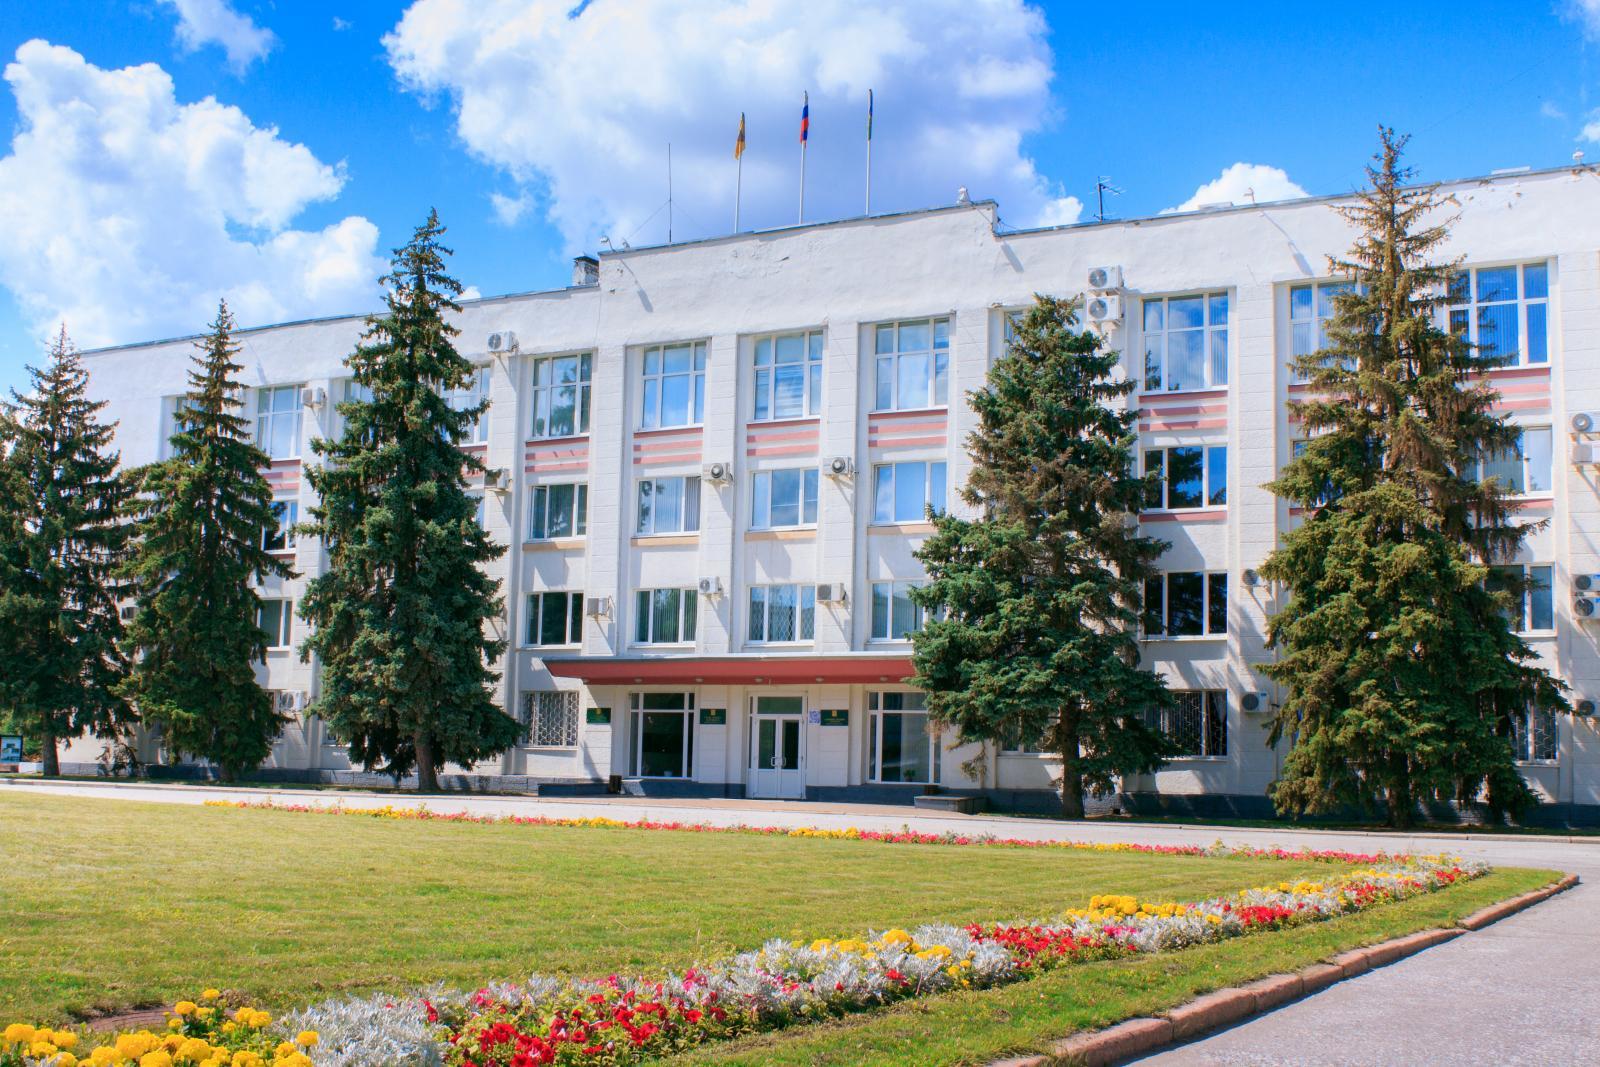 Адвокат по жилищным спорам Мусихина улица консультация юриста по автокредиту Воронеж